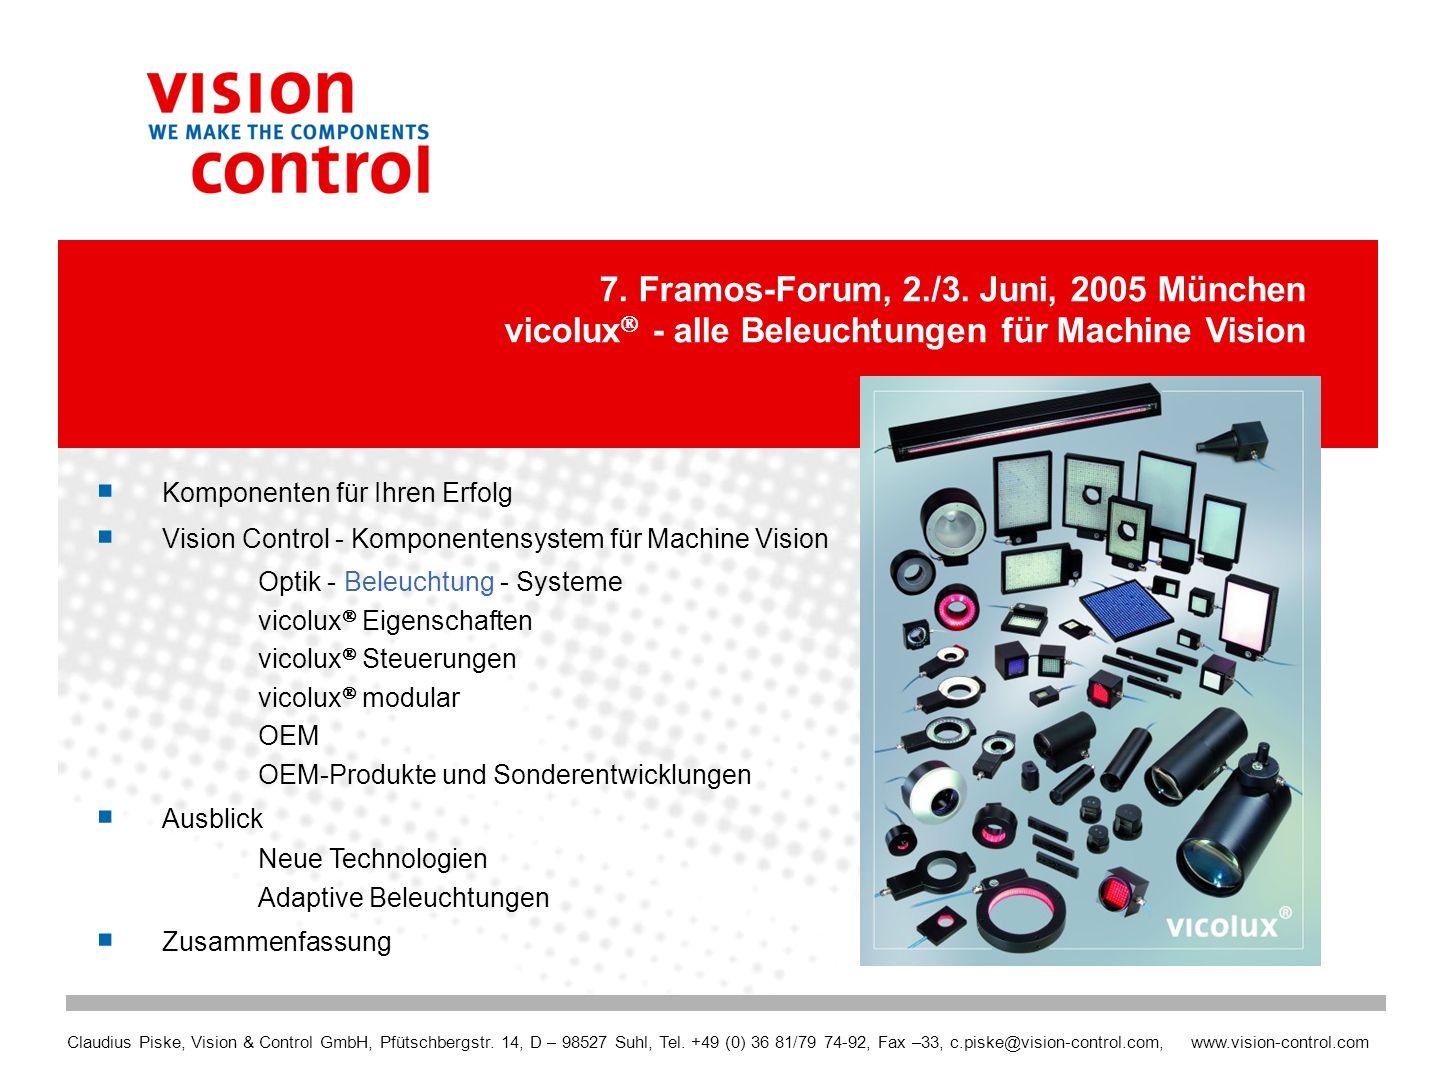 Claudius Piske, Vision & Control GmbH, Pfütschbergstr. 14, D – 98527 Suhl, Tel. +49 (0) 36 81/79 74-92, Fax –33, c.piske@vision-control.com, www.visio